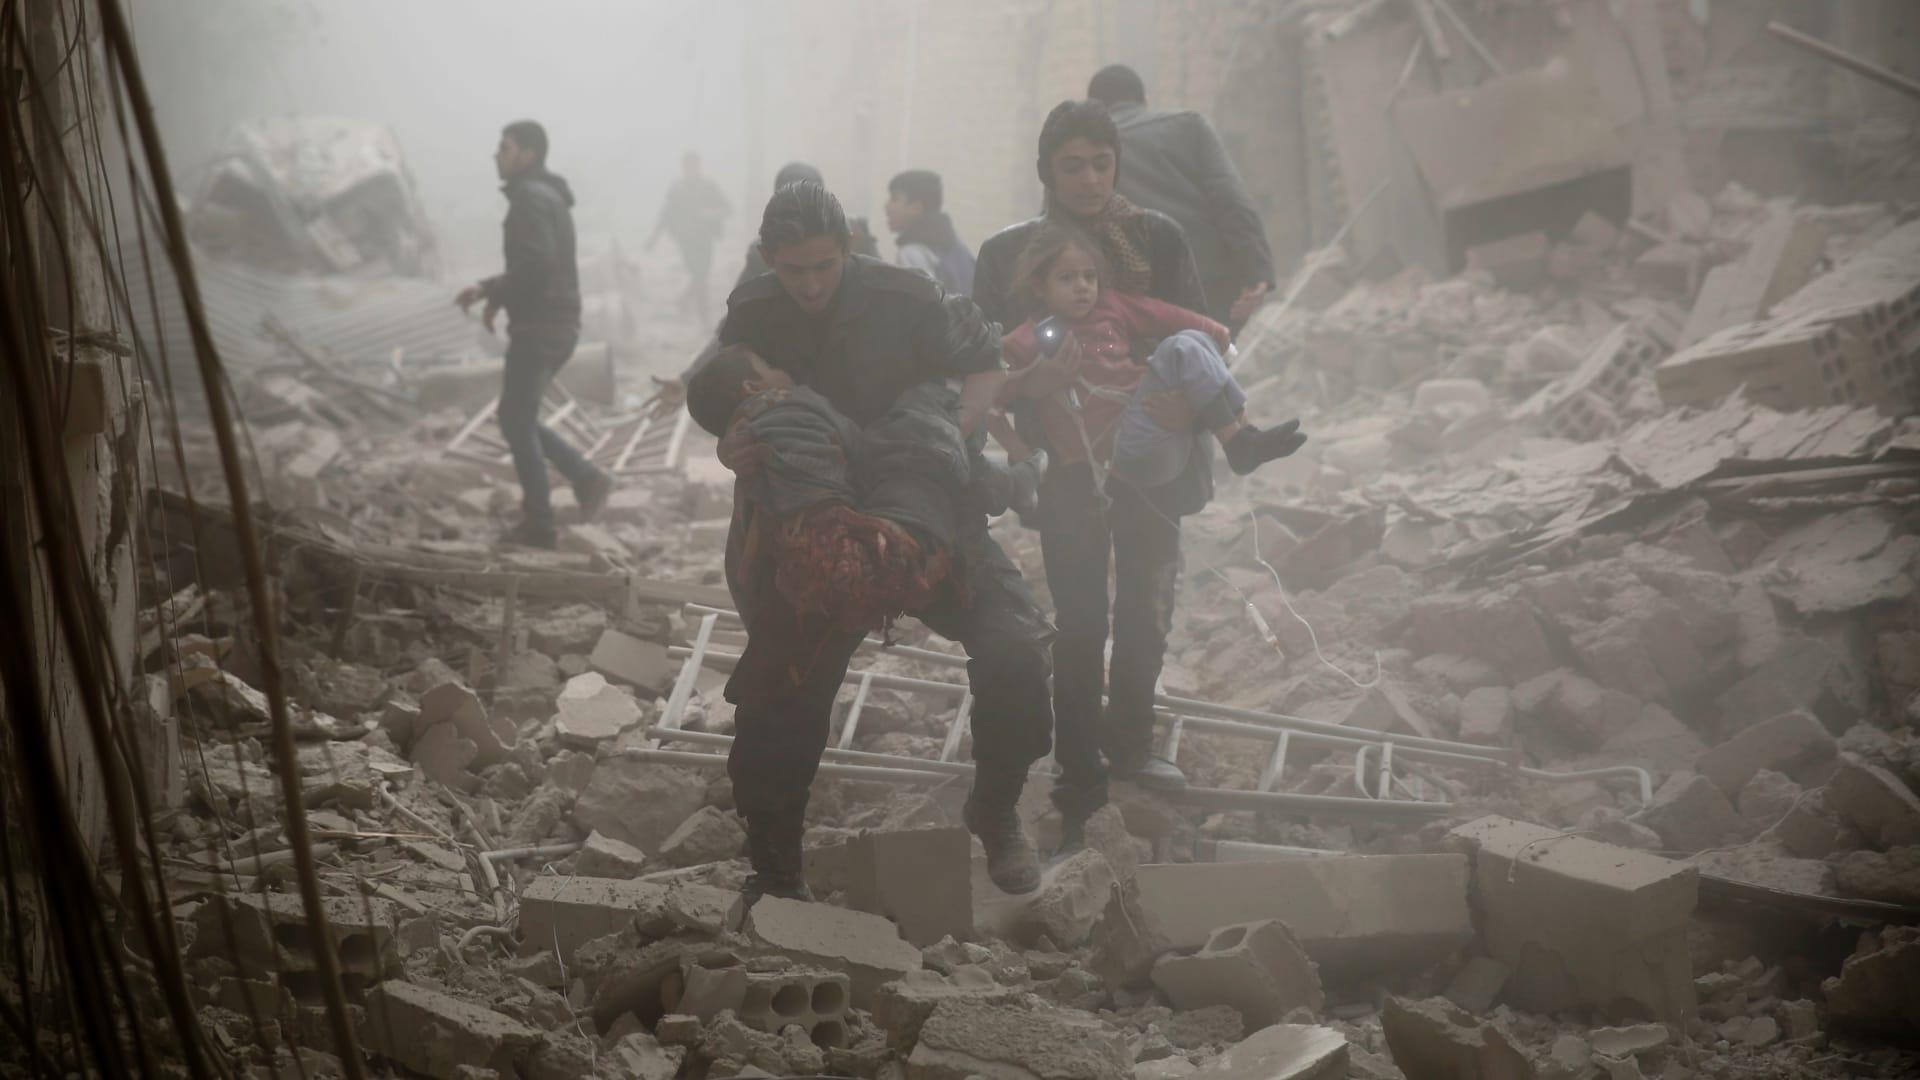 قسوة الحرب تدفع بسوريين إلى مستشفيات إسرائيل.. والحياة أهم من السياسة